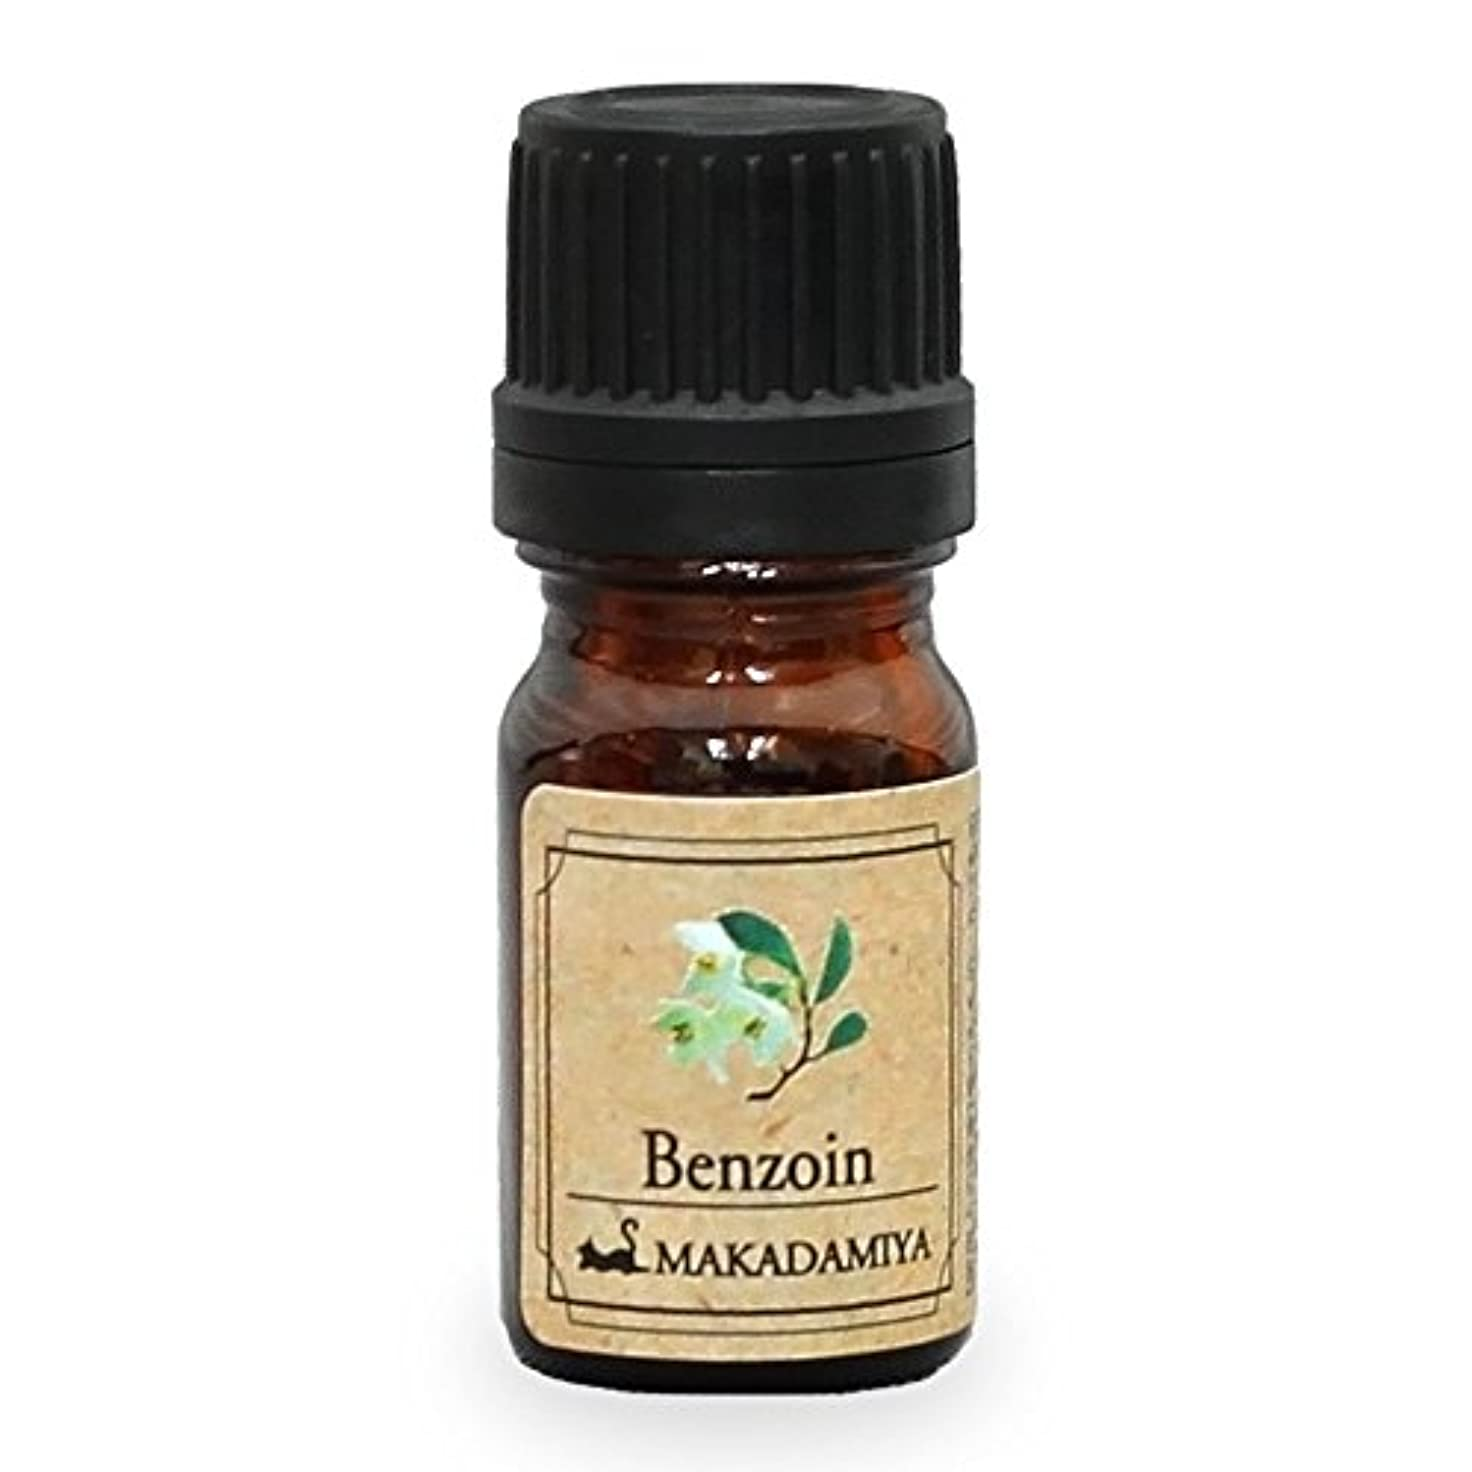 バイオリンディスパッチ危険ベンゾイン5ml天然100%植物性エッセンシャルオイル(精油)アロマオイルアロママッサージアロマテラピーaroma Benzoin